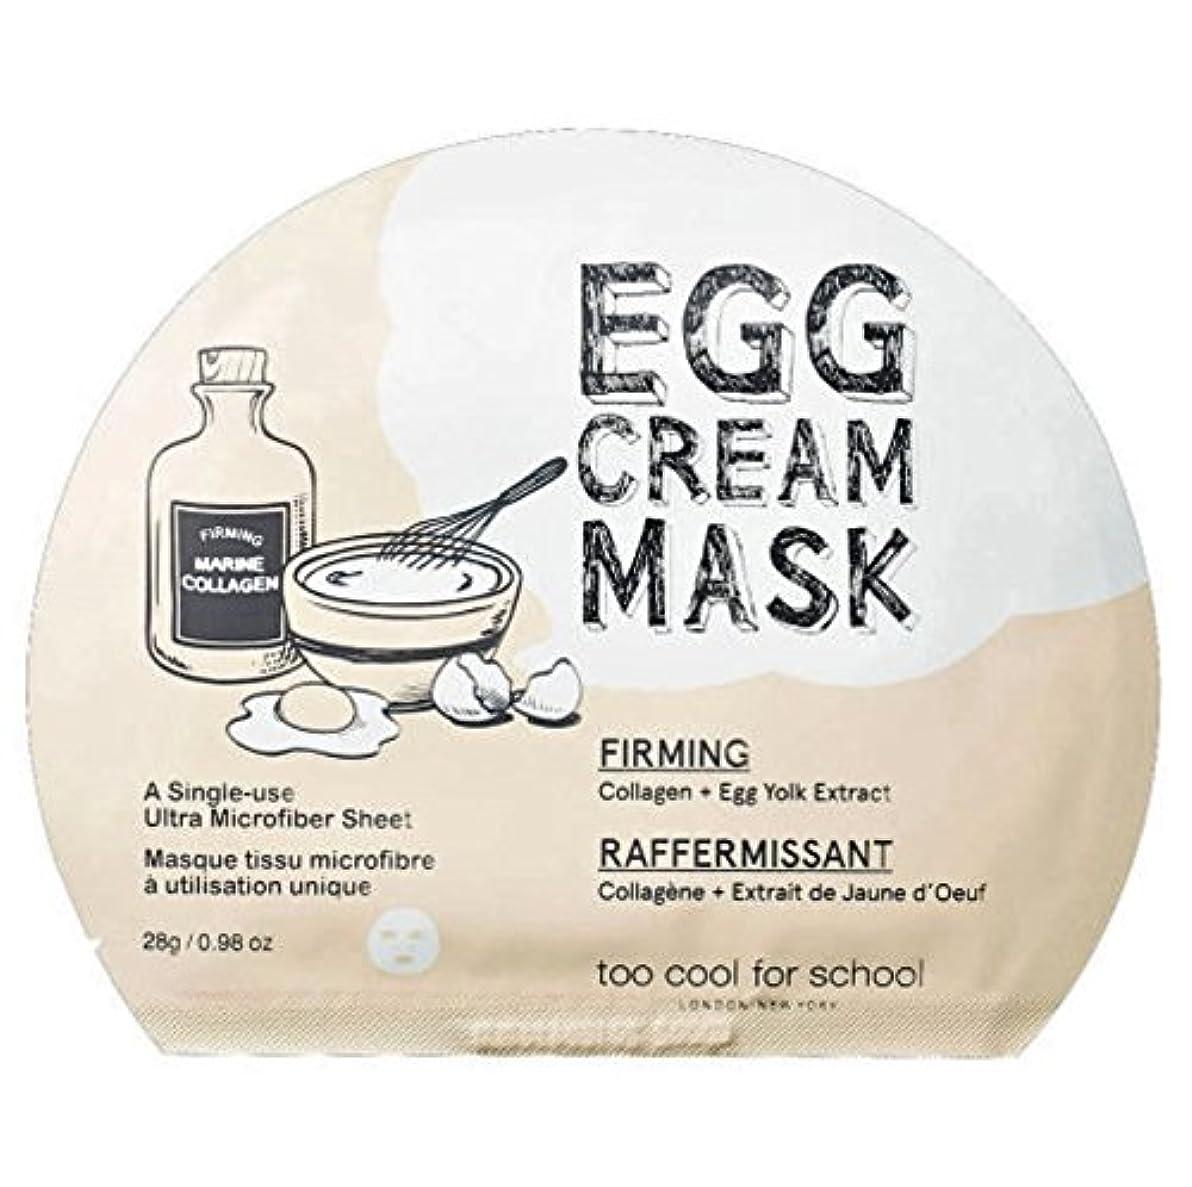 協定中央値ペパーミント[New] too cool for school Egg Cream Mask (Firming) 28g × 5ea/トゥークール フォースクール エッグ クリーム マスク (ファーミング) 28g × 5枚